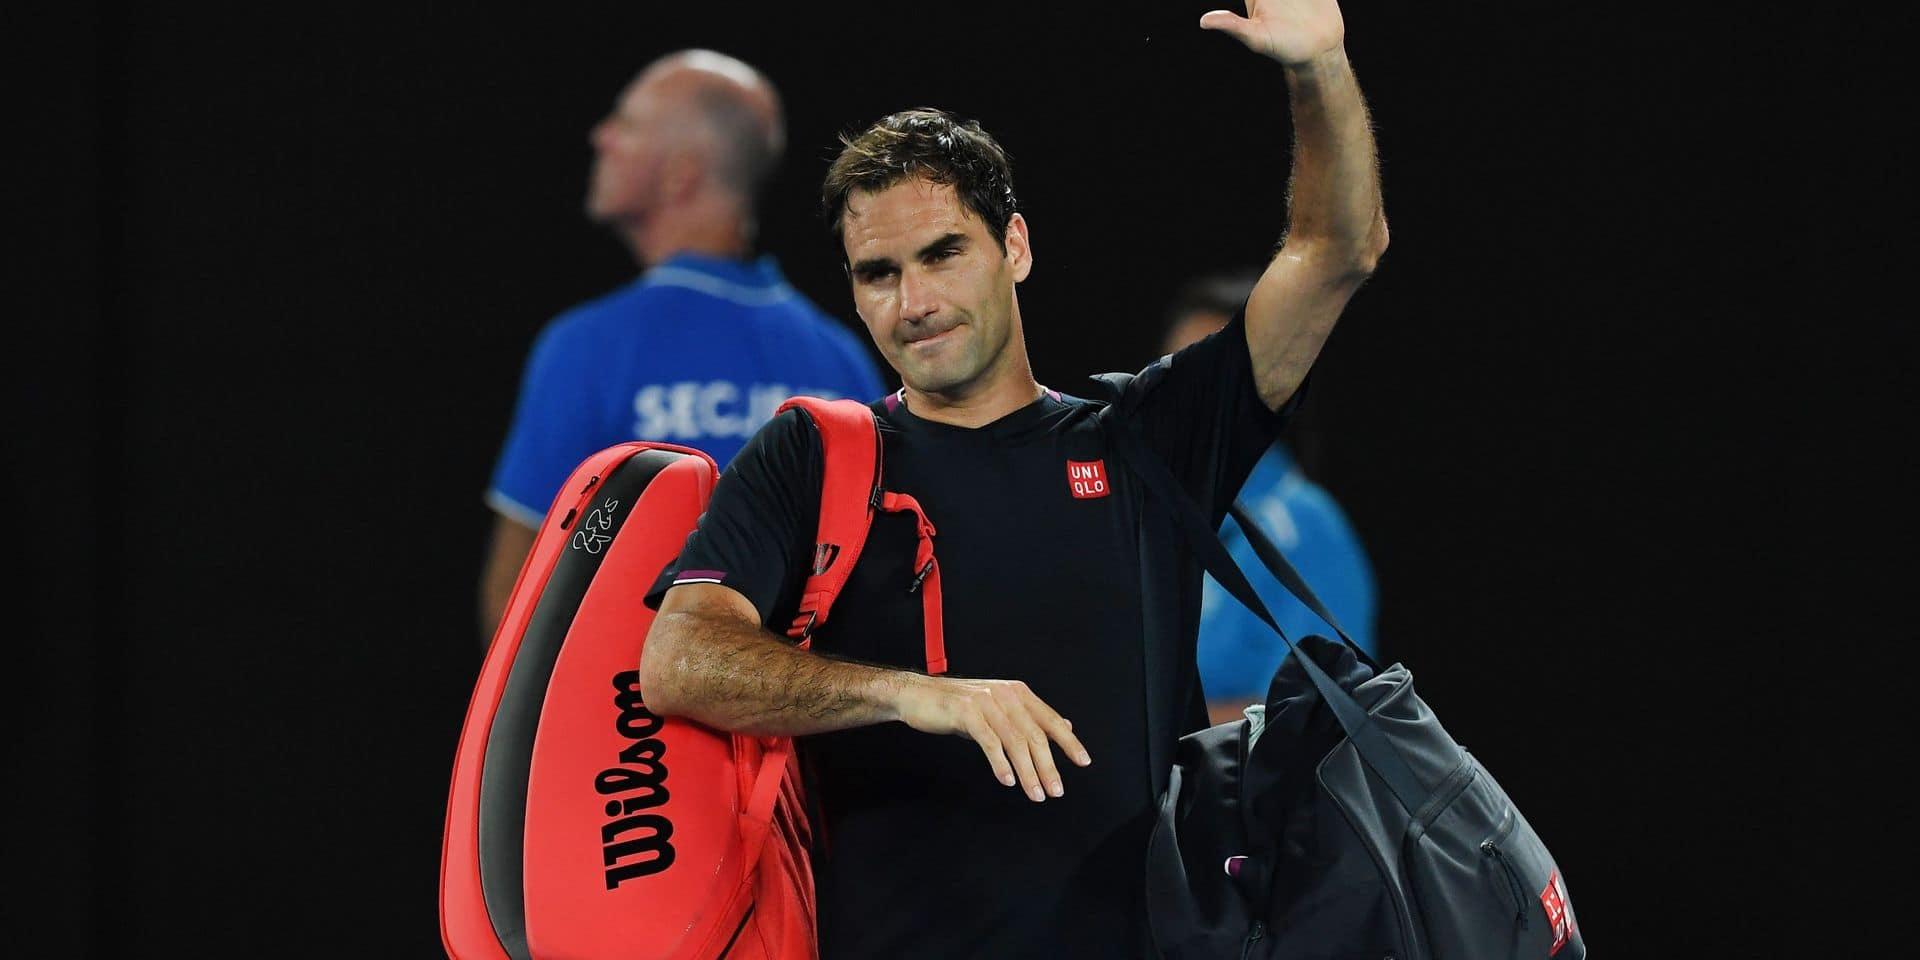 """Roger Federer fête ses 39 ans aujourd'hui et ne compte pas s'arrêter de sitôt: """"Je ne le vois pas prendre sa retraite la saison prochaine"""""""